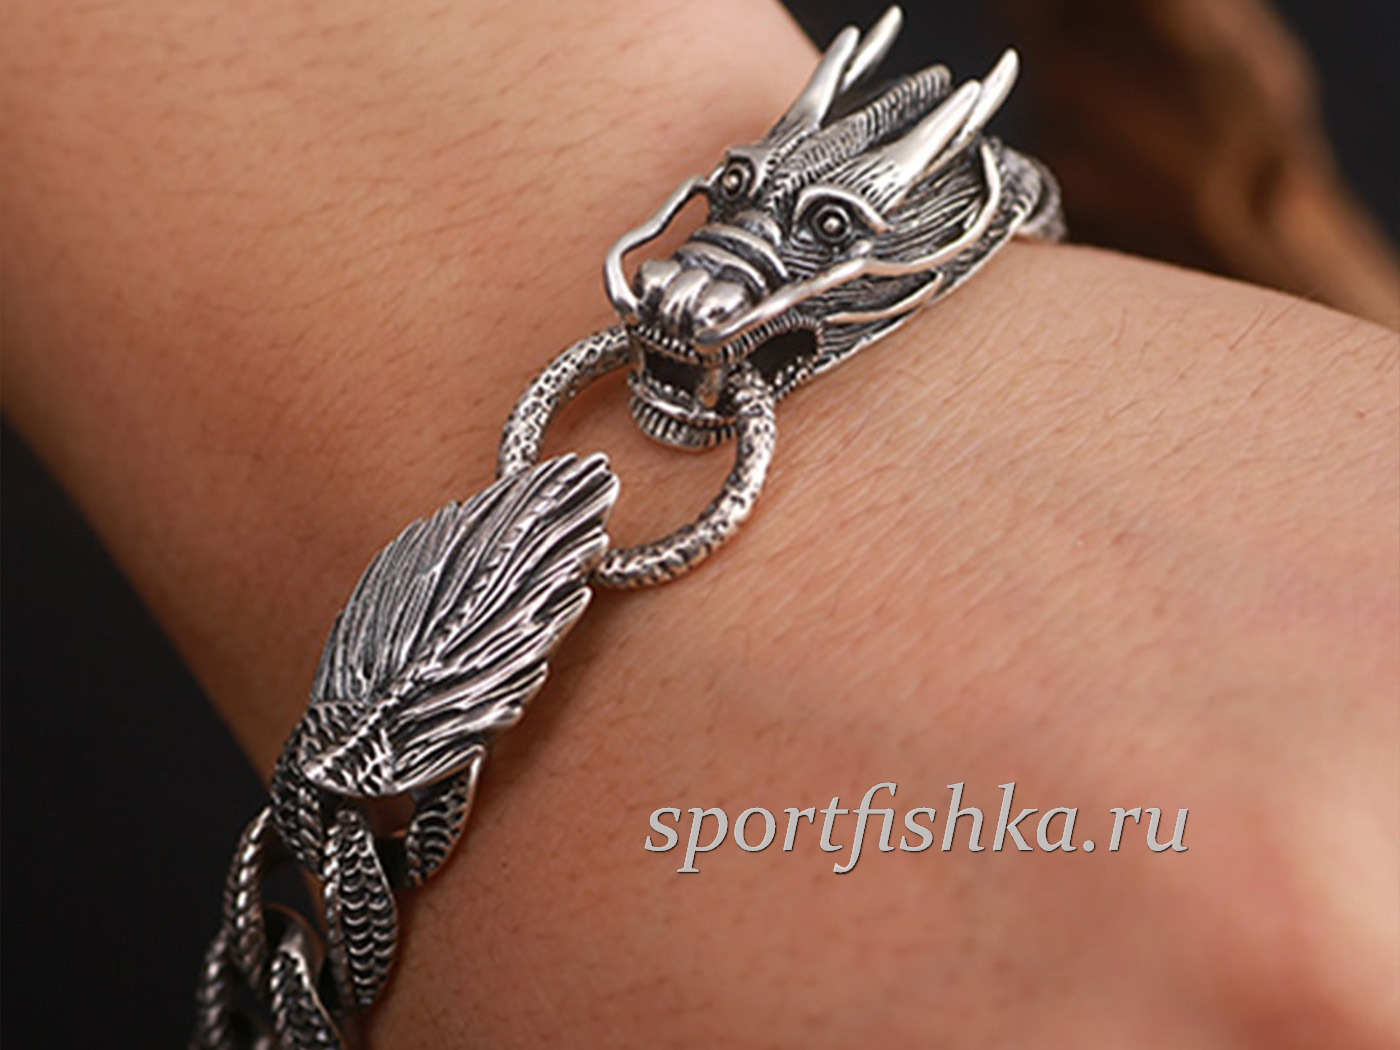 Толстый серебряный браслет мужской с драконами